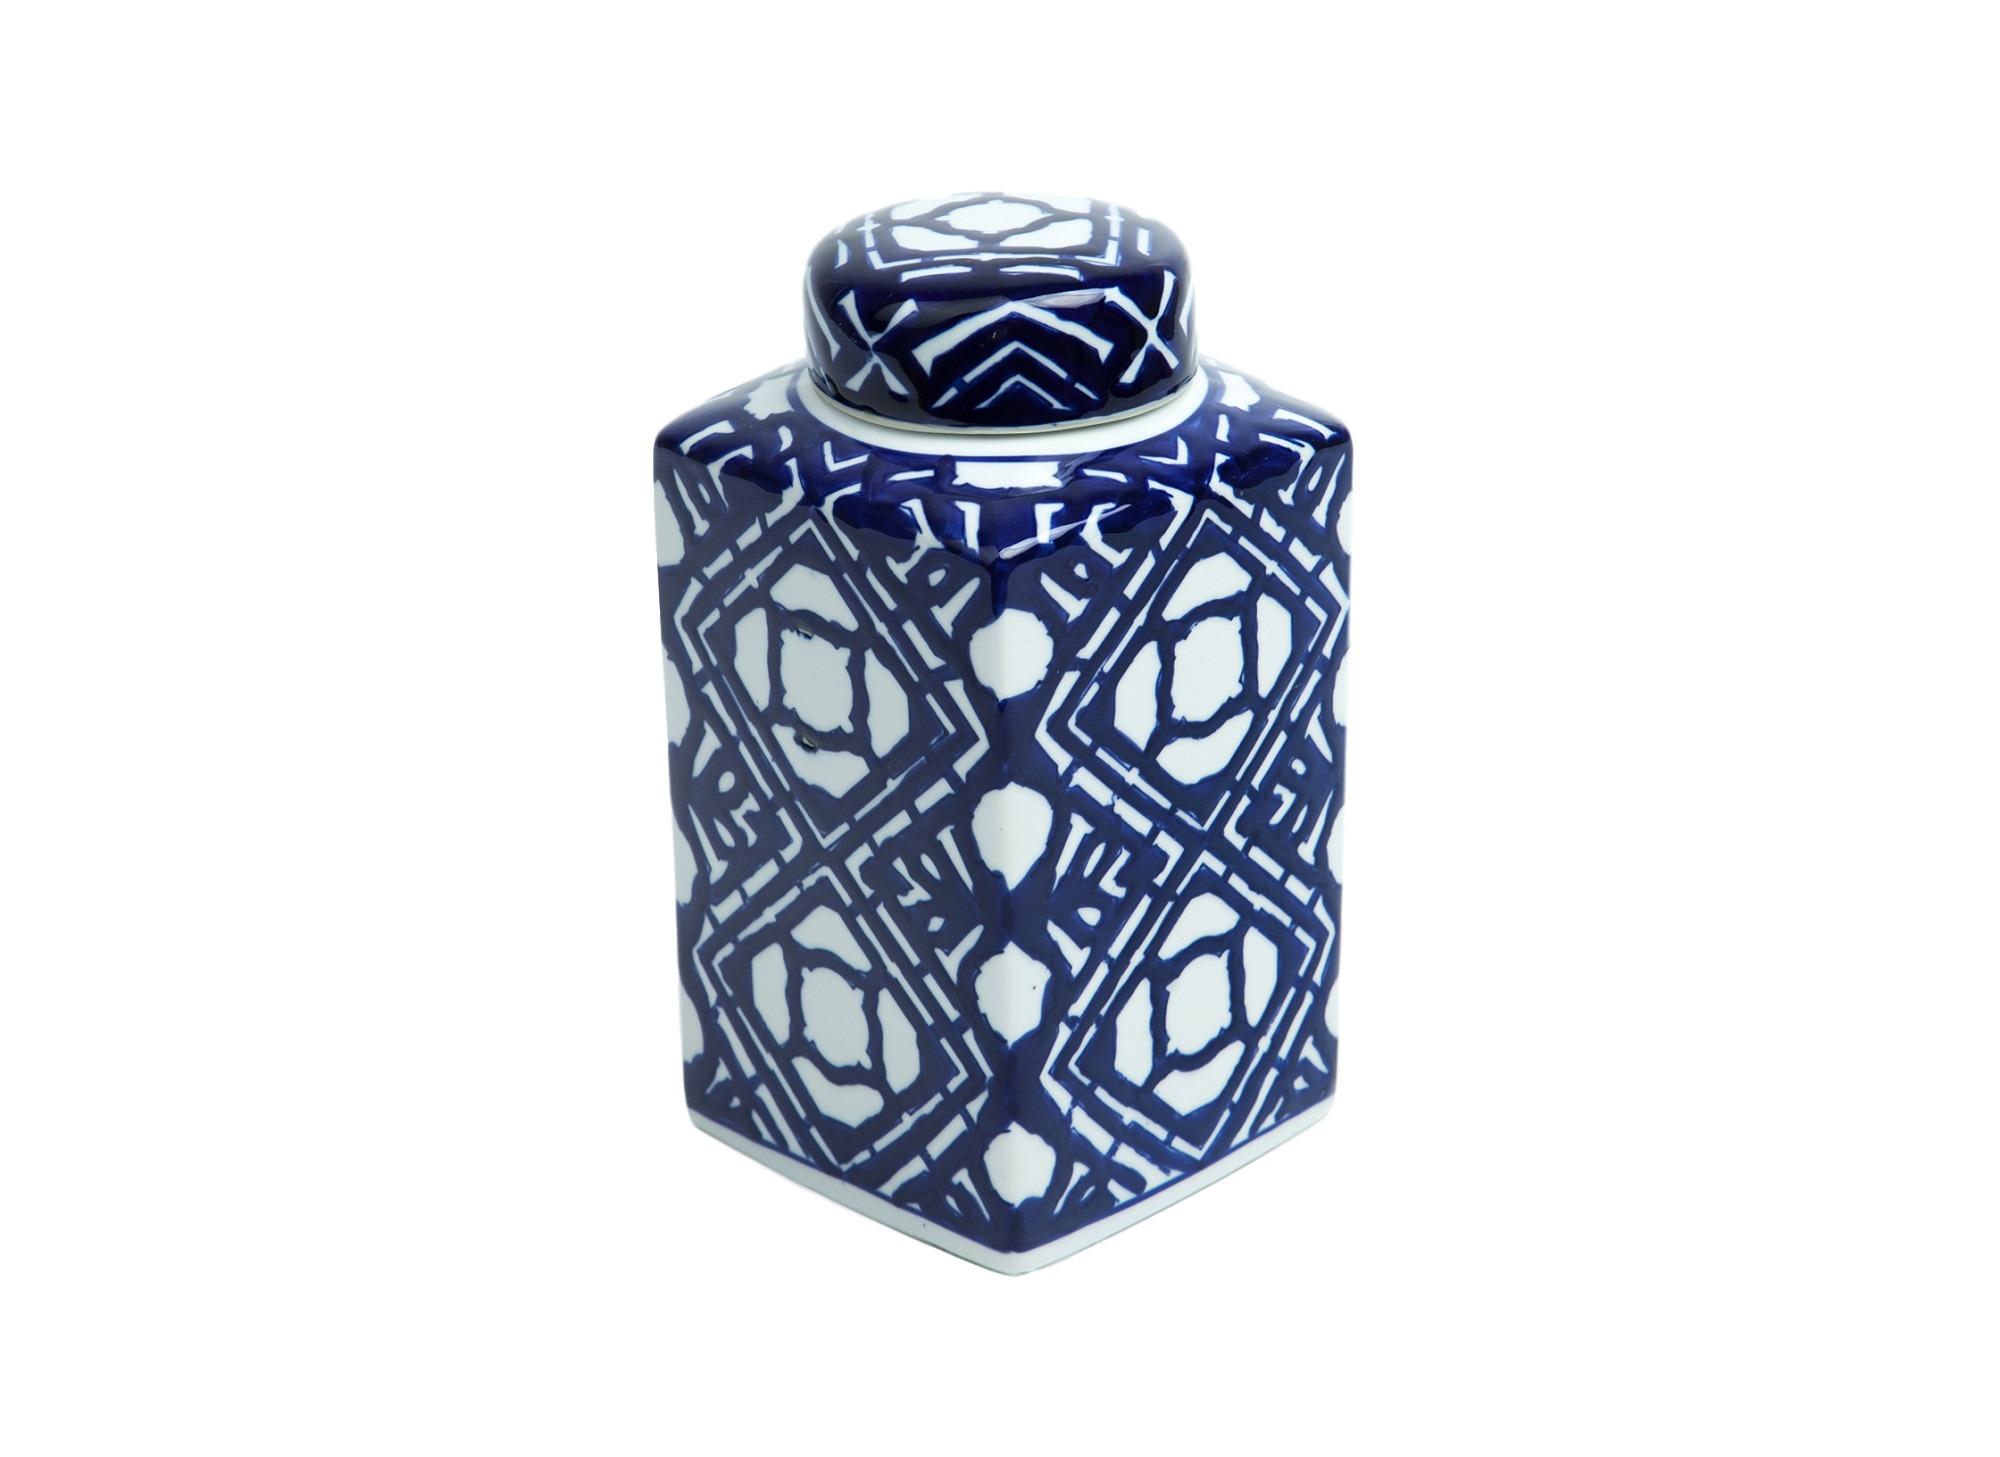 КувшинЕмкости для хранения<br>Кувшин керамический с крышкой в восточном стиле.<br><br>Material: Керамика<br>Ширина см: 14<br>Высота см: 25<br>Глубина см: 14